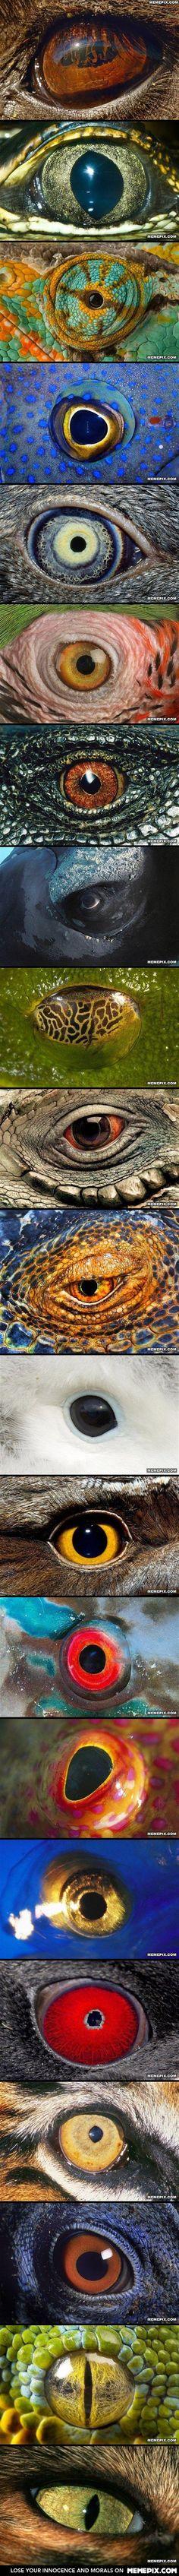 Closeup of animal eyes… trippy.